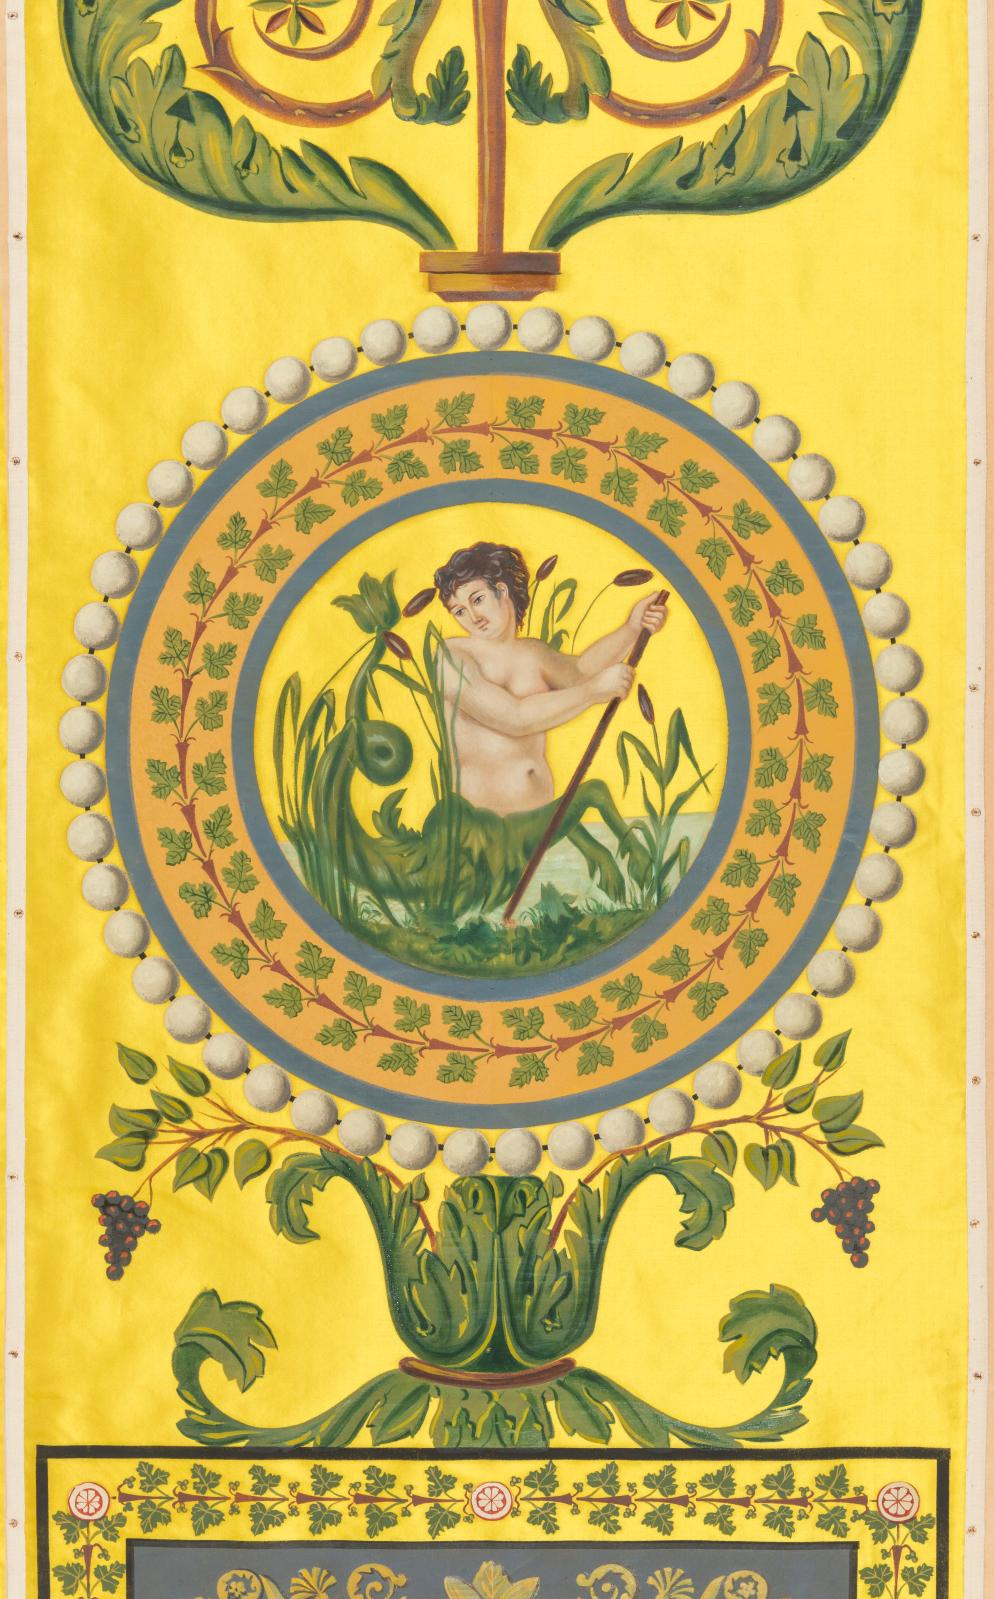 Tenture de soierie peinte de motifs antiques et de paysages, reproduction à l'identique des années 1950 du modèle orignal réalisé pour cette pièce en